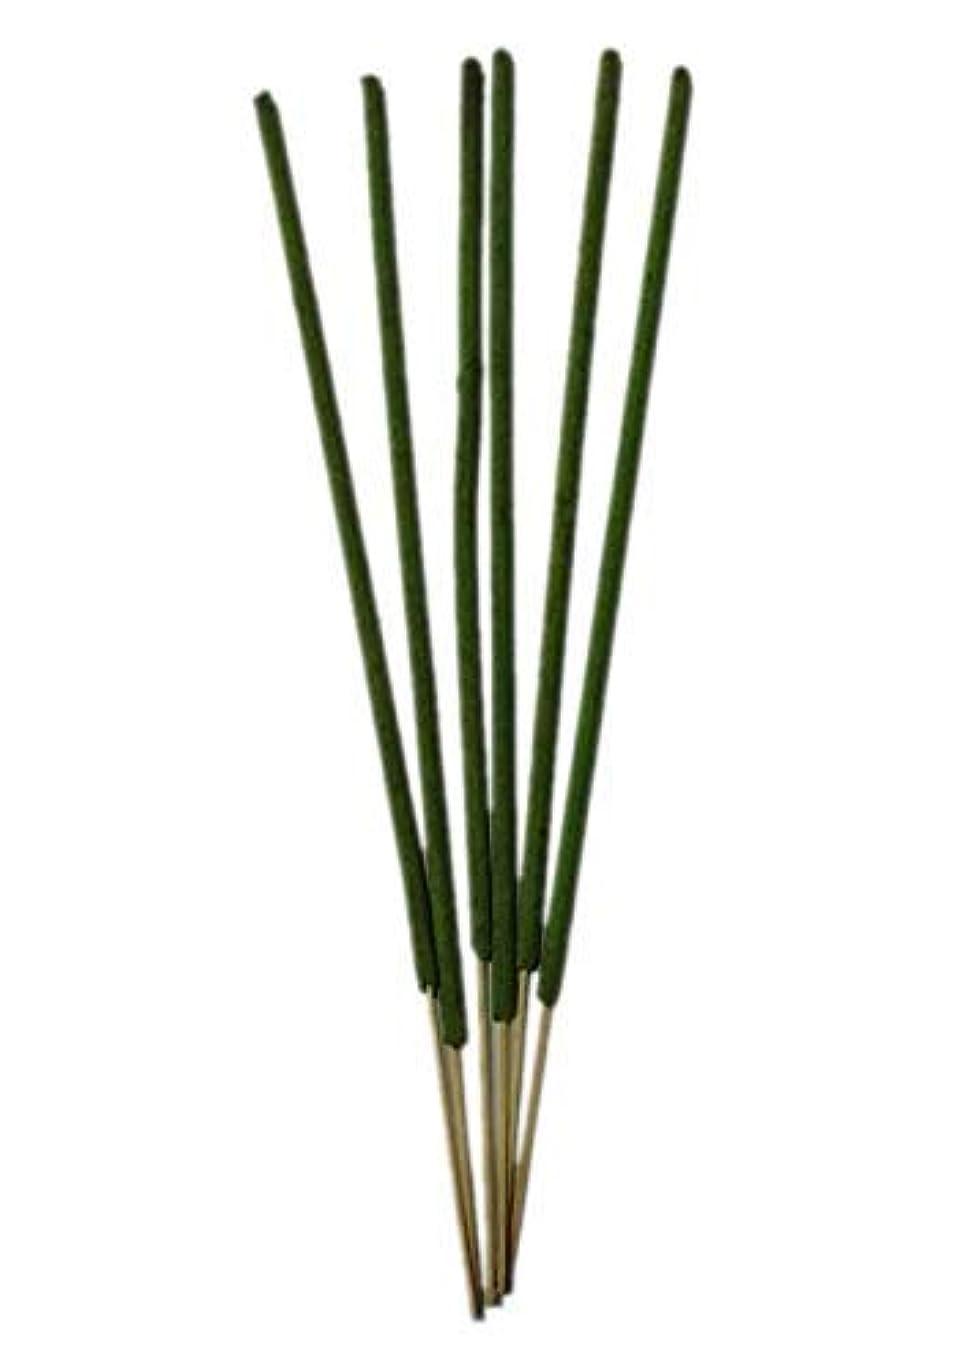 モード起こりやすい覚えているAMUL Agarbatti Green Incense Sticks (1 Kg. Pack)